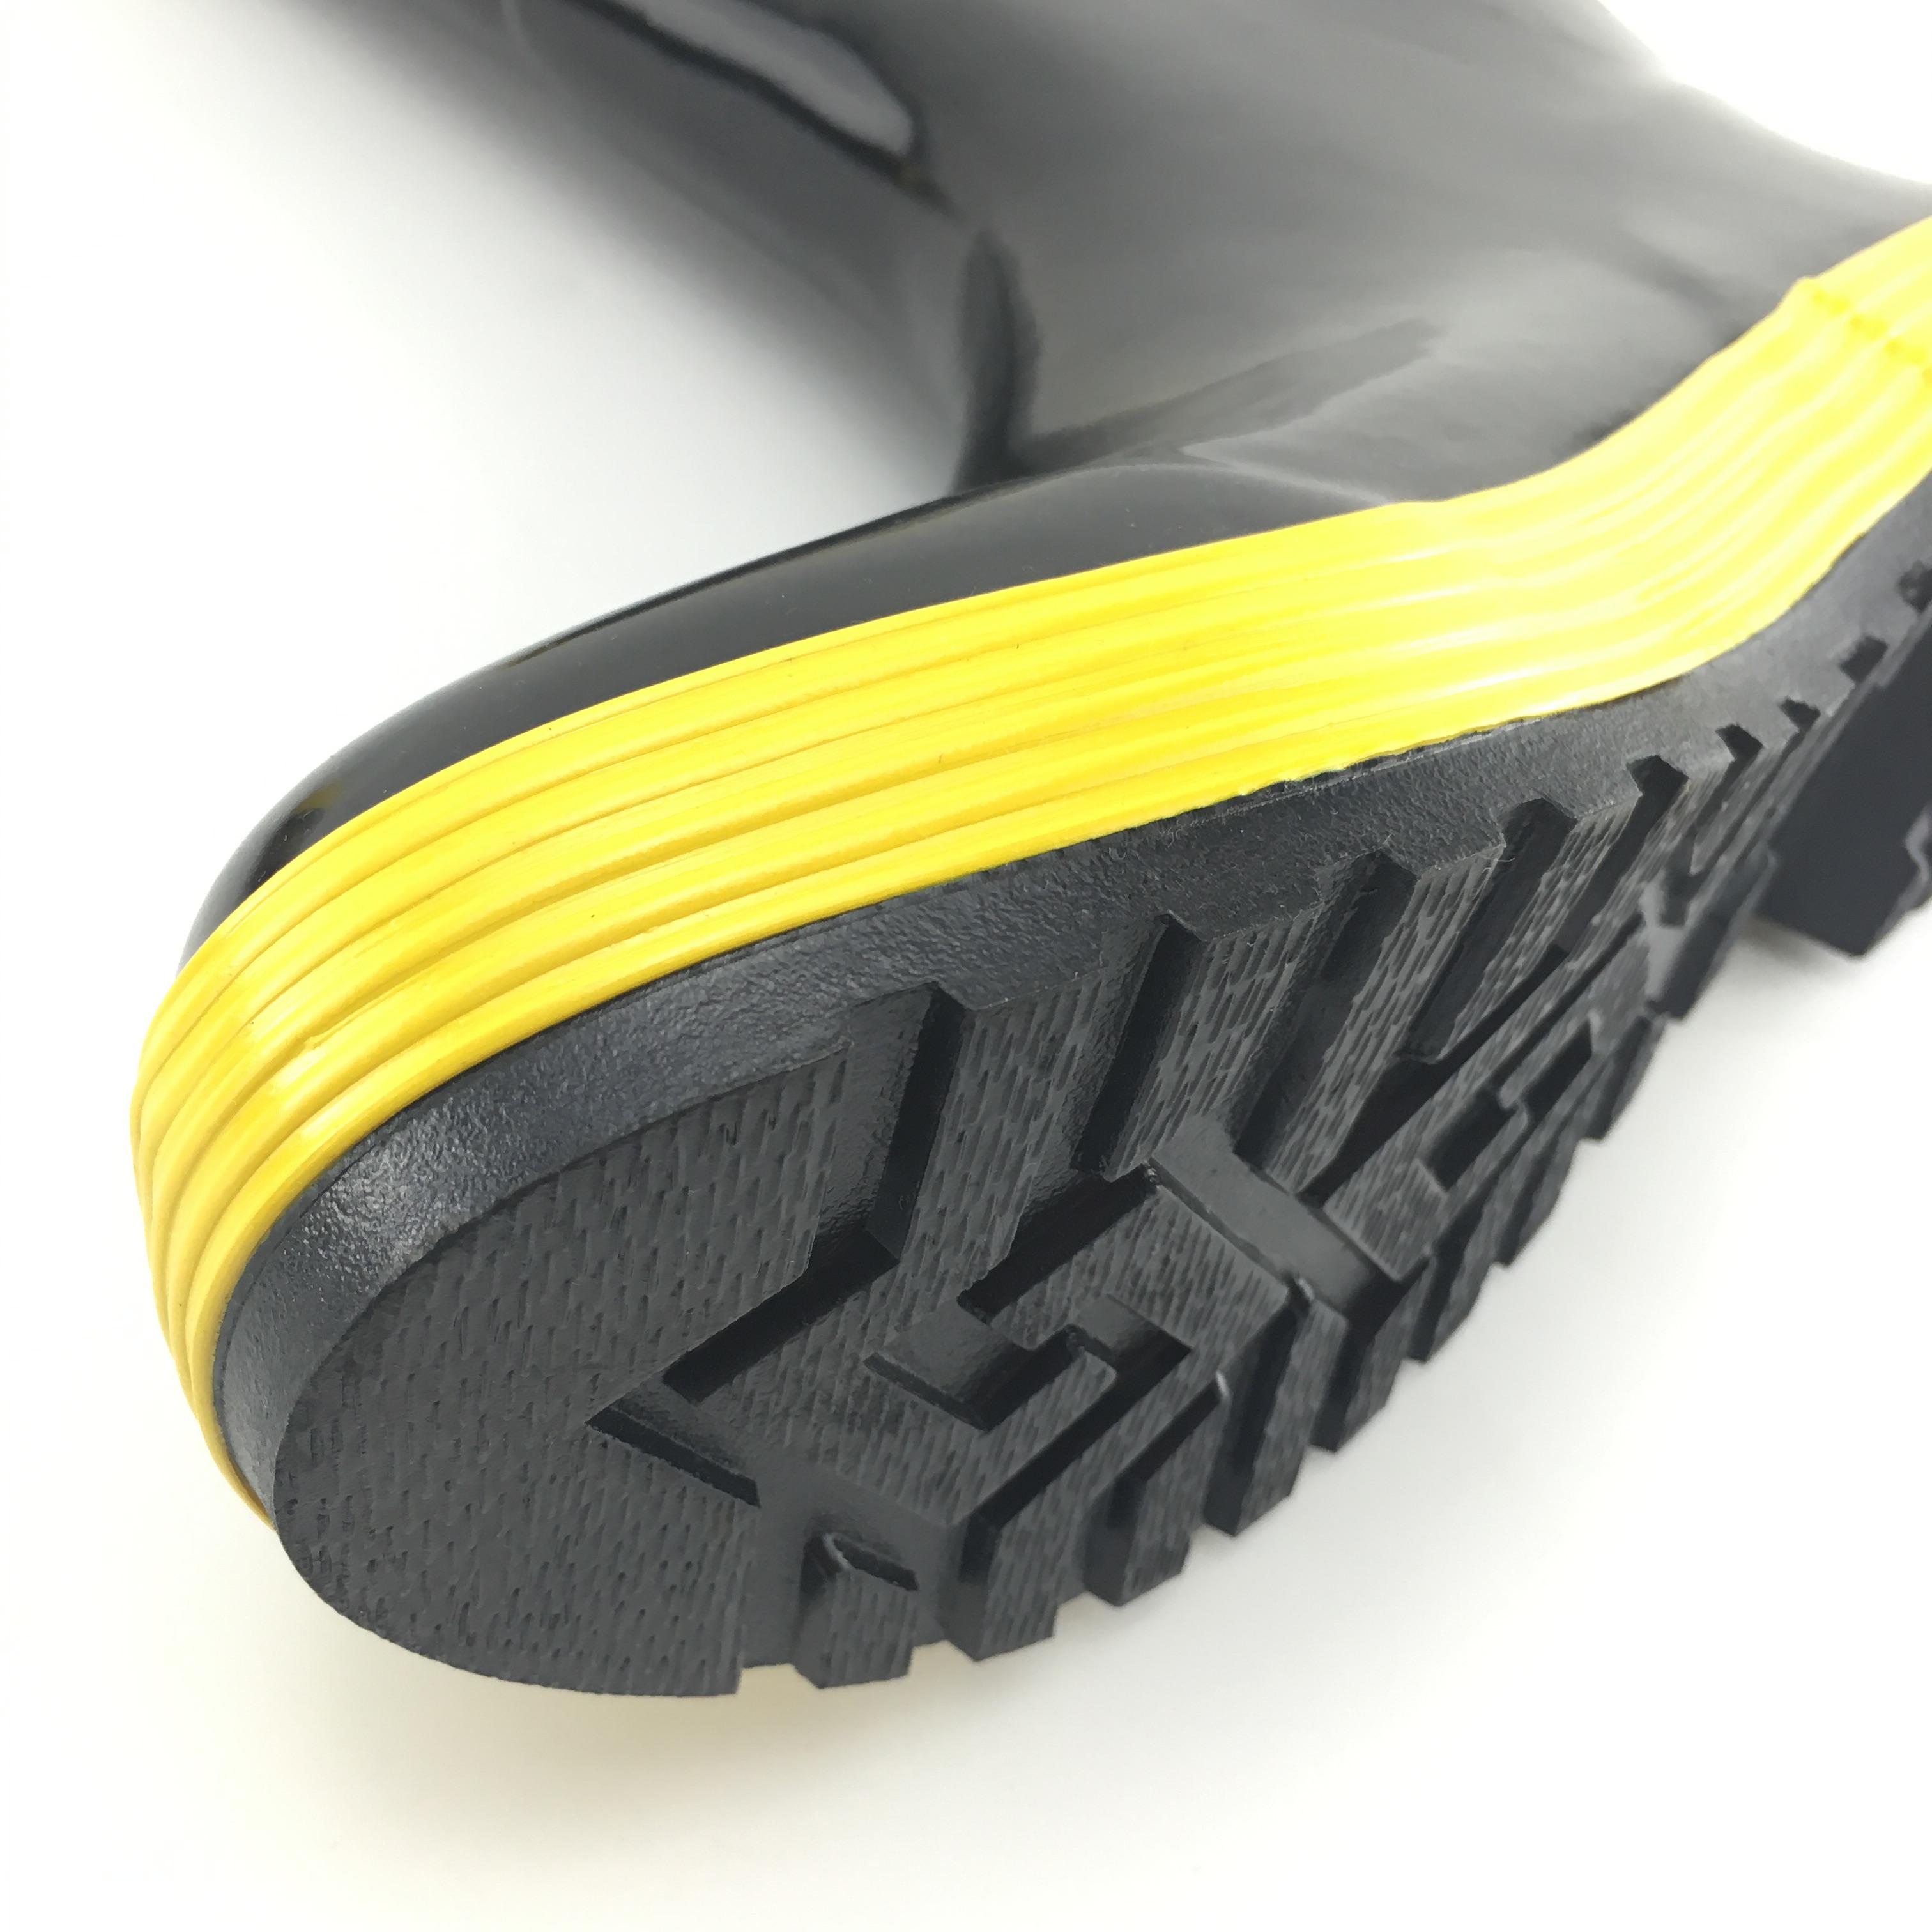 消防鞋97款消防战斗鞋水靴消防训练胶靴消防钢板鞋底防刺穿防护靴